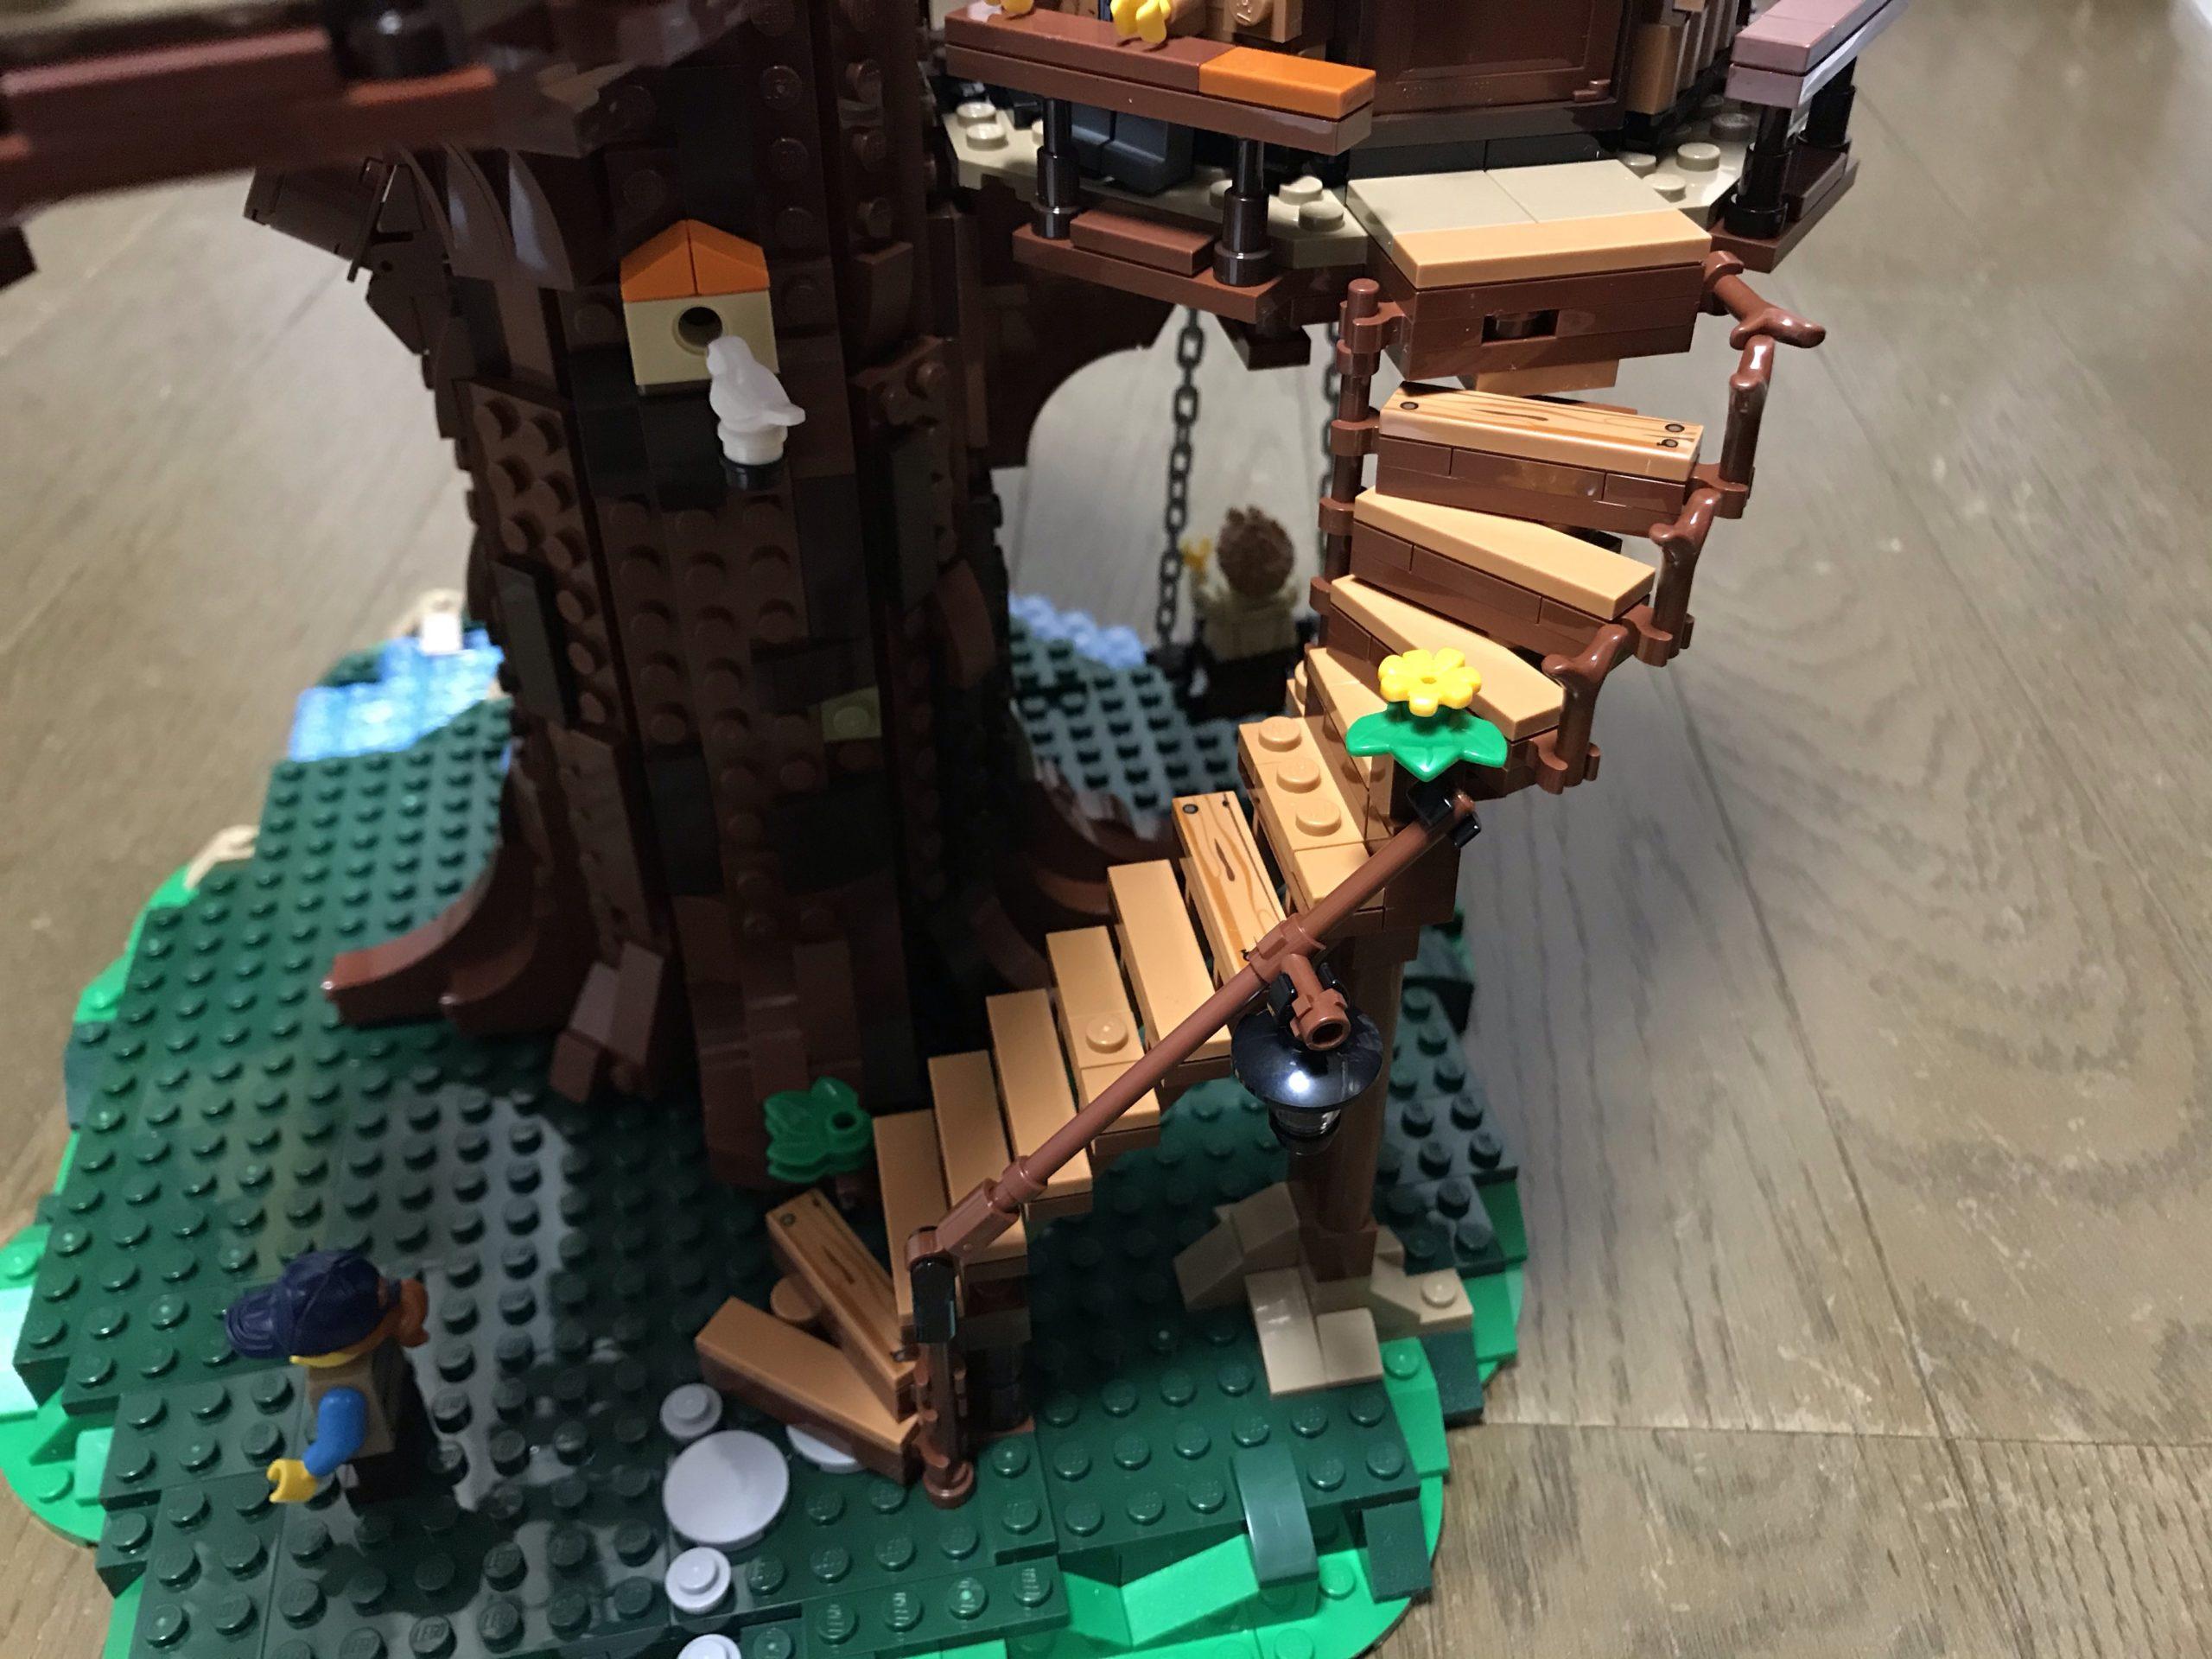 LEGOツリーハウス(21318)組み立て17~19 ついに完成!楽しいひと時をありがとう